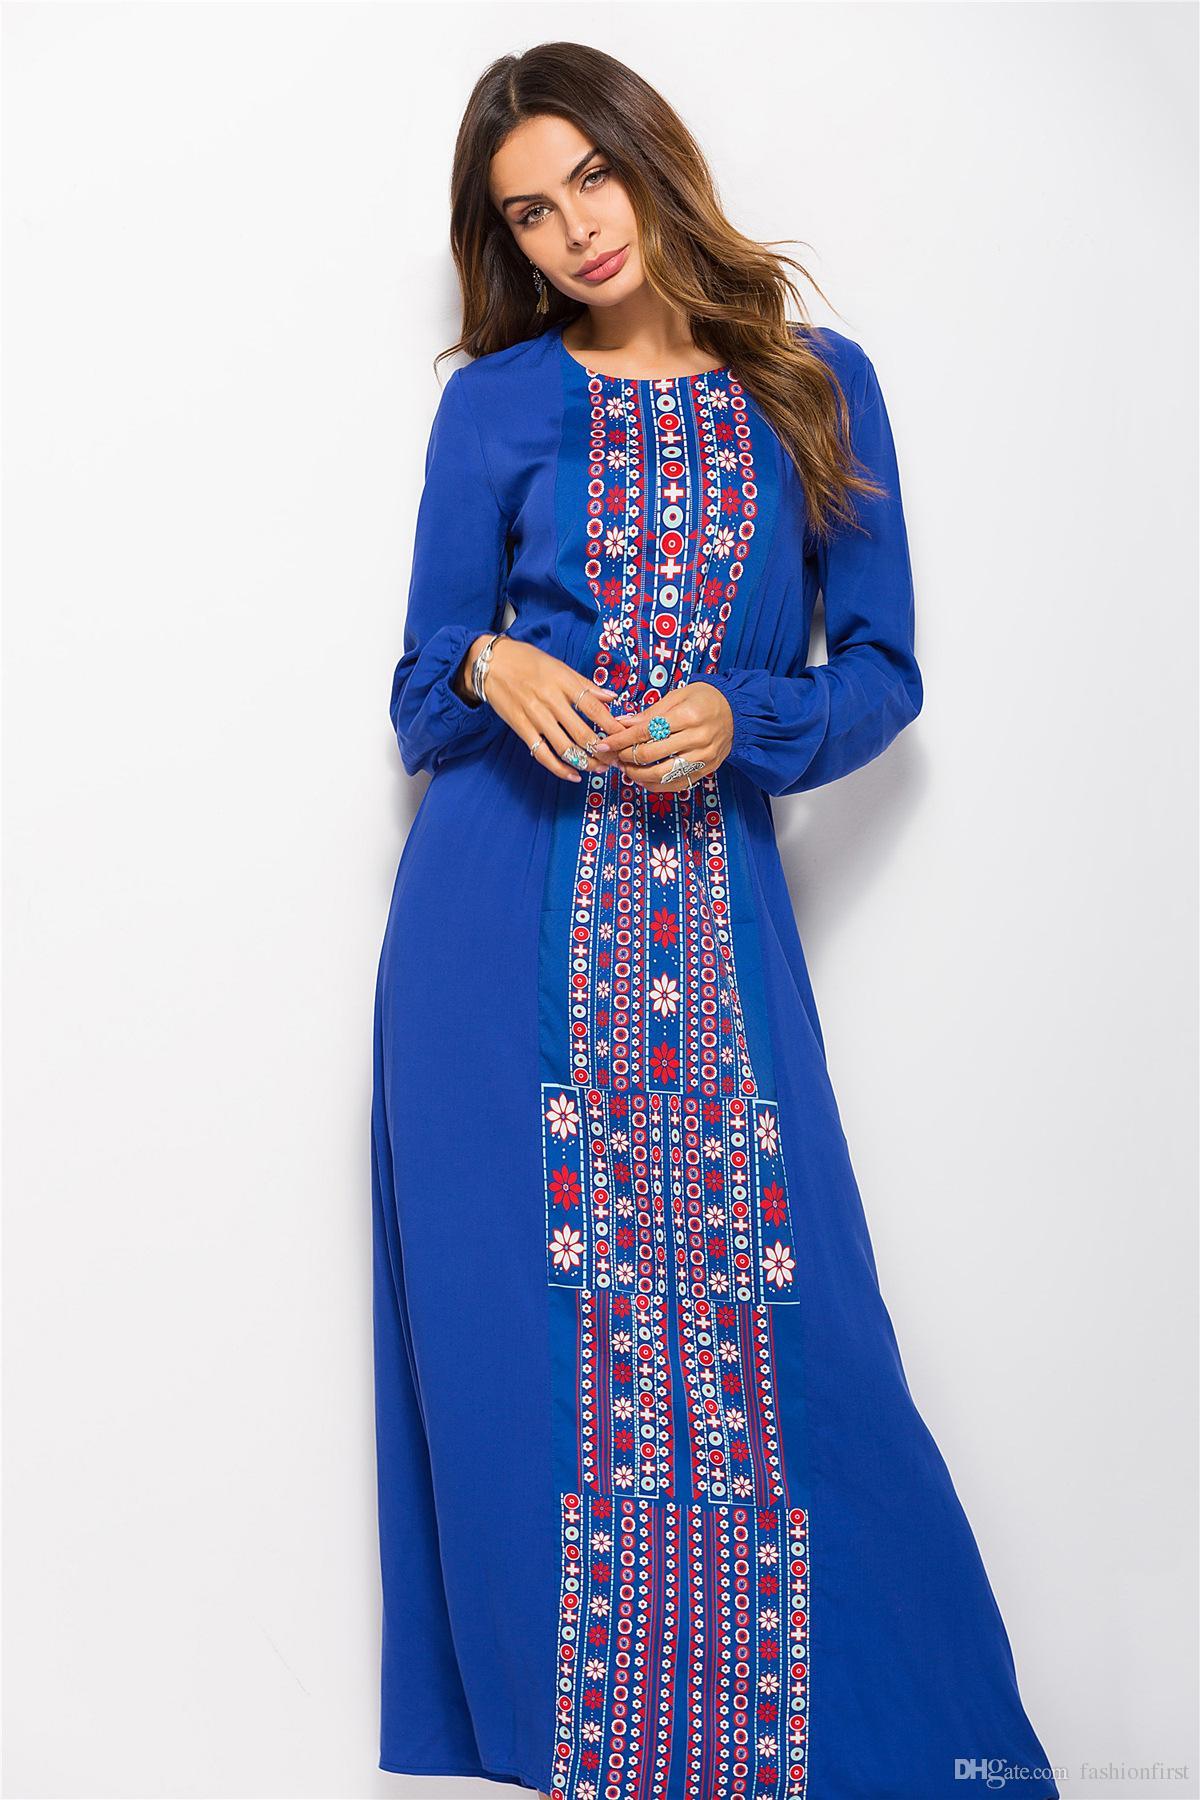 Acquista Nuove Donne Di Arrivo Abiti Lunghi Abito Musulmano Moda Abaya  Abbigliamento Manica Lunga Stampa Lunga Signora Musulmana Casual Dress A   17.09 Dal ... 9acf8b699f1